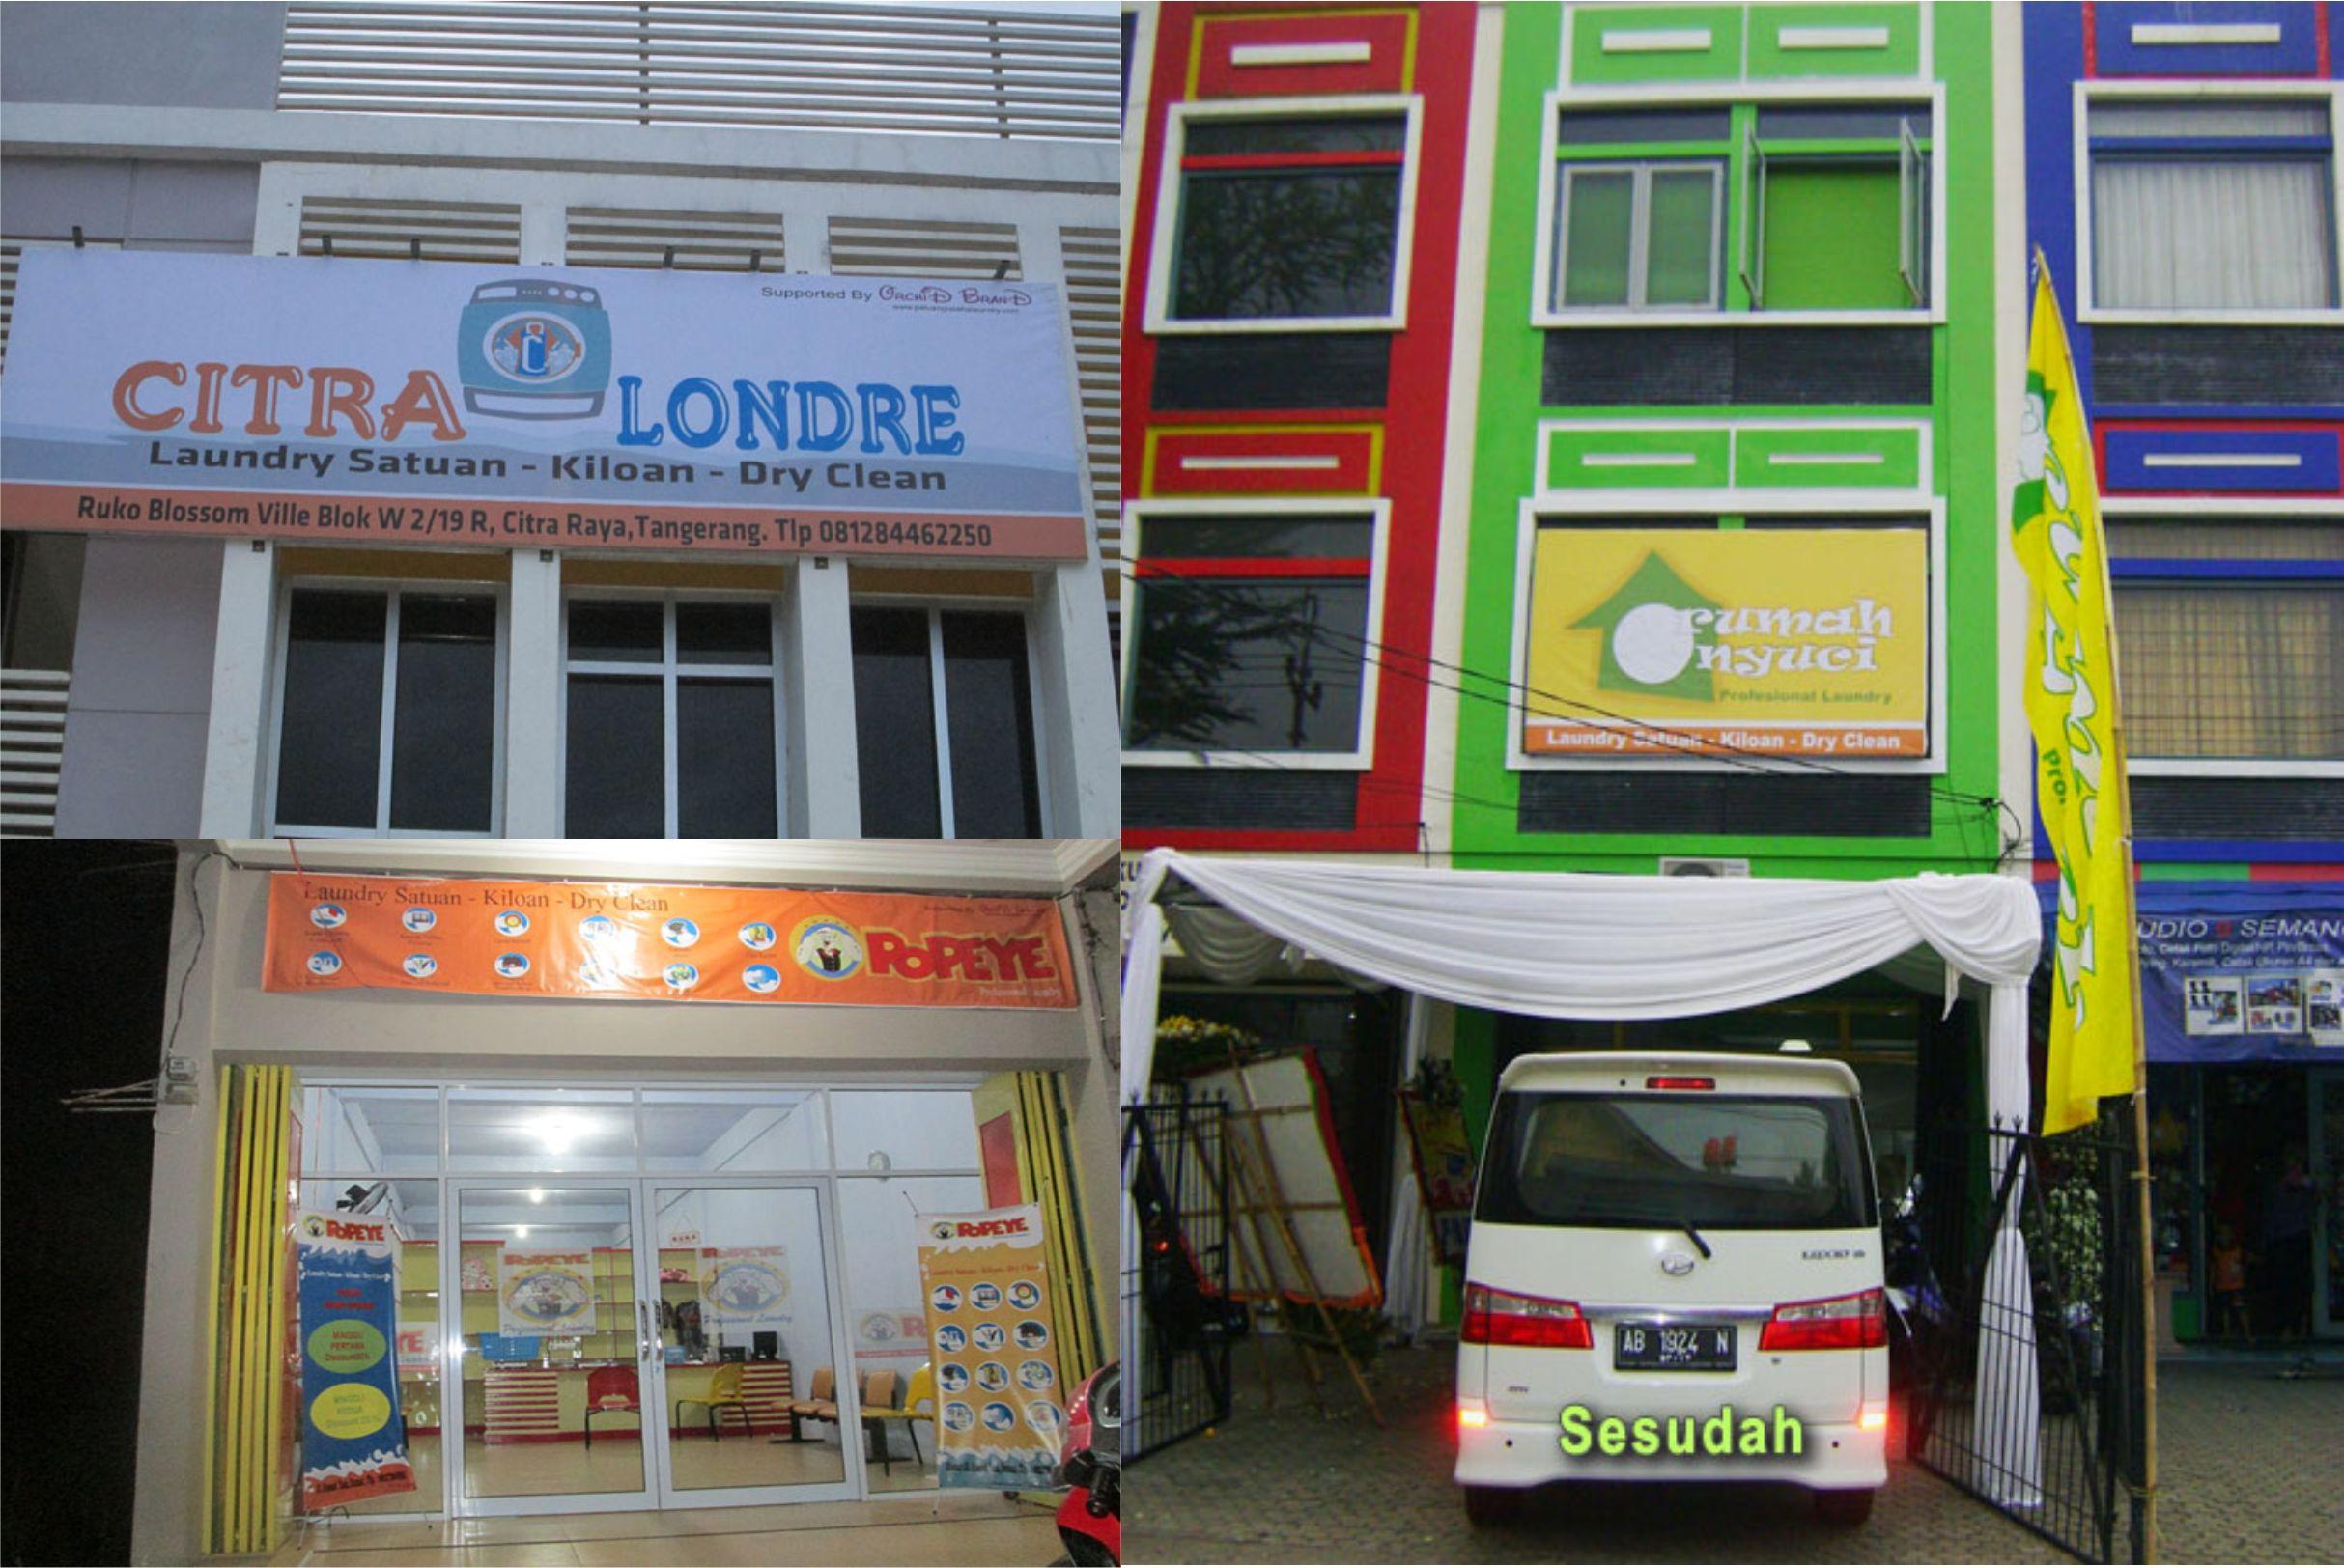 Contoh Proposal Usaha Laundry Download 0274 655 2272 Peluang